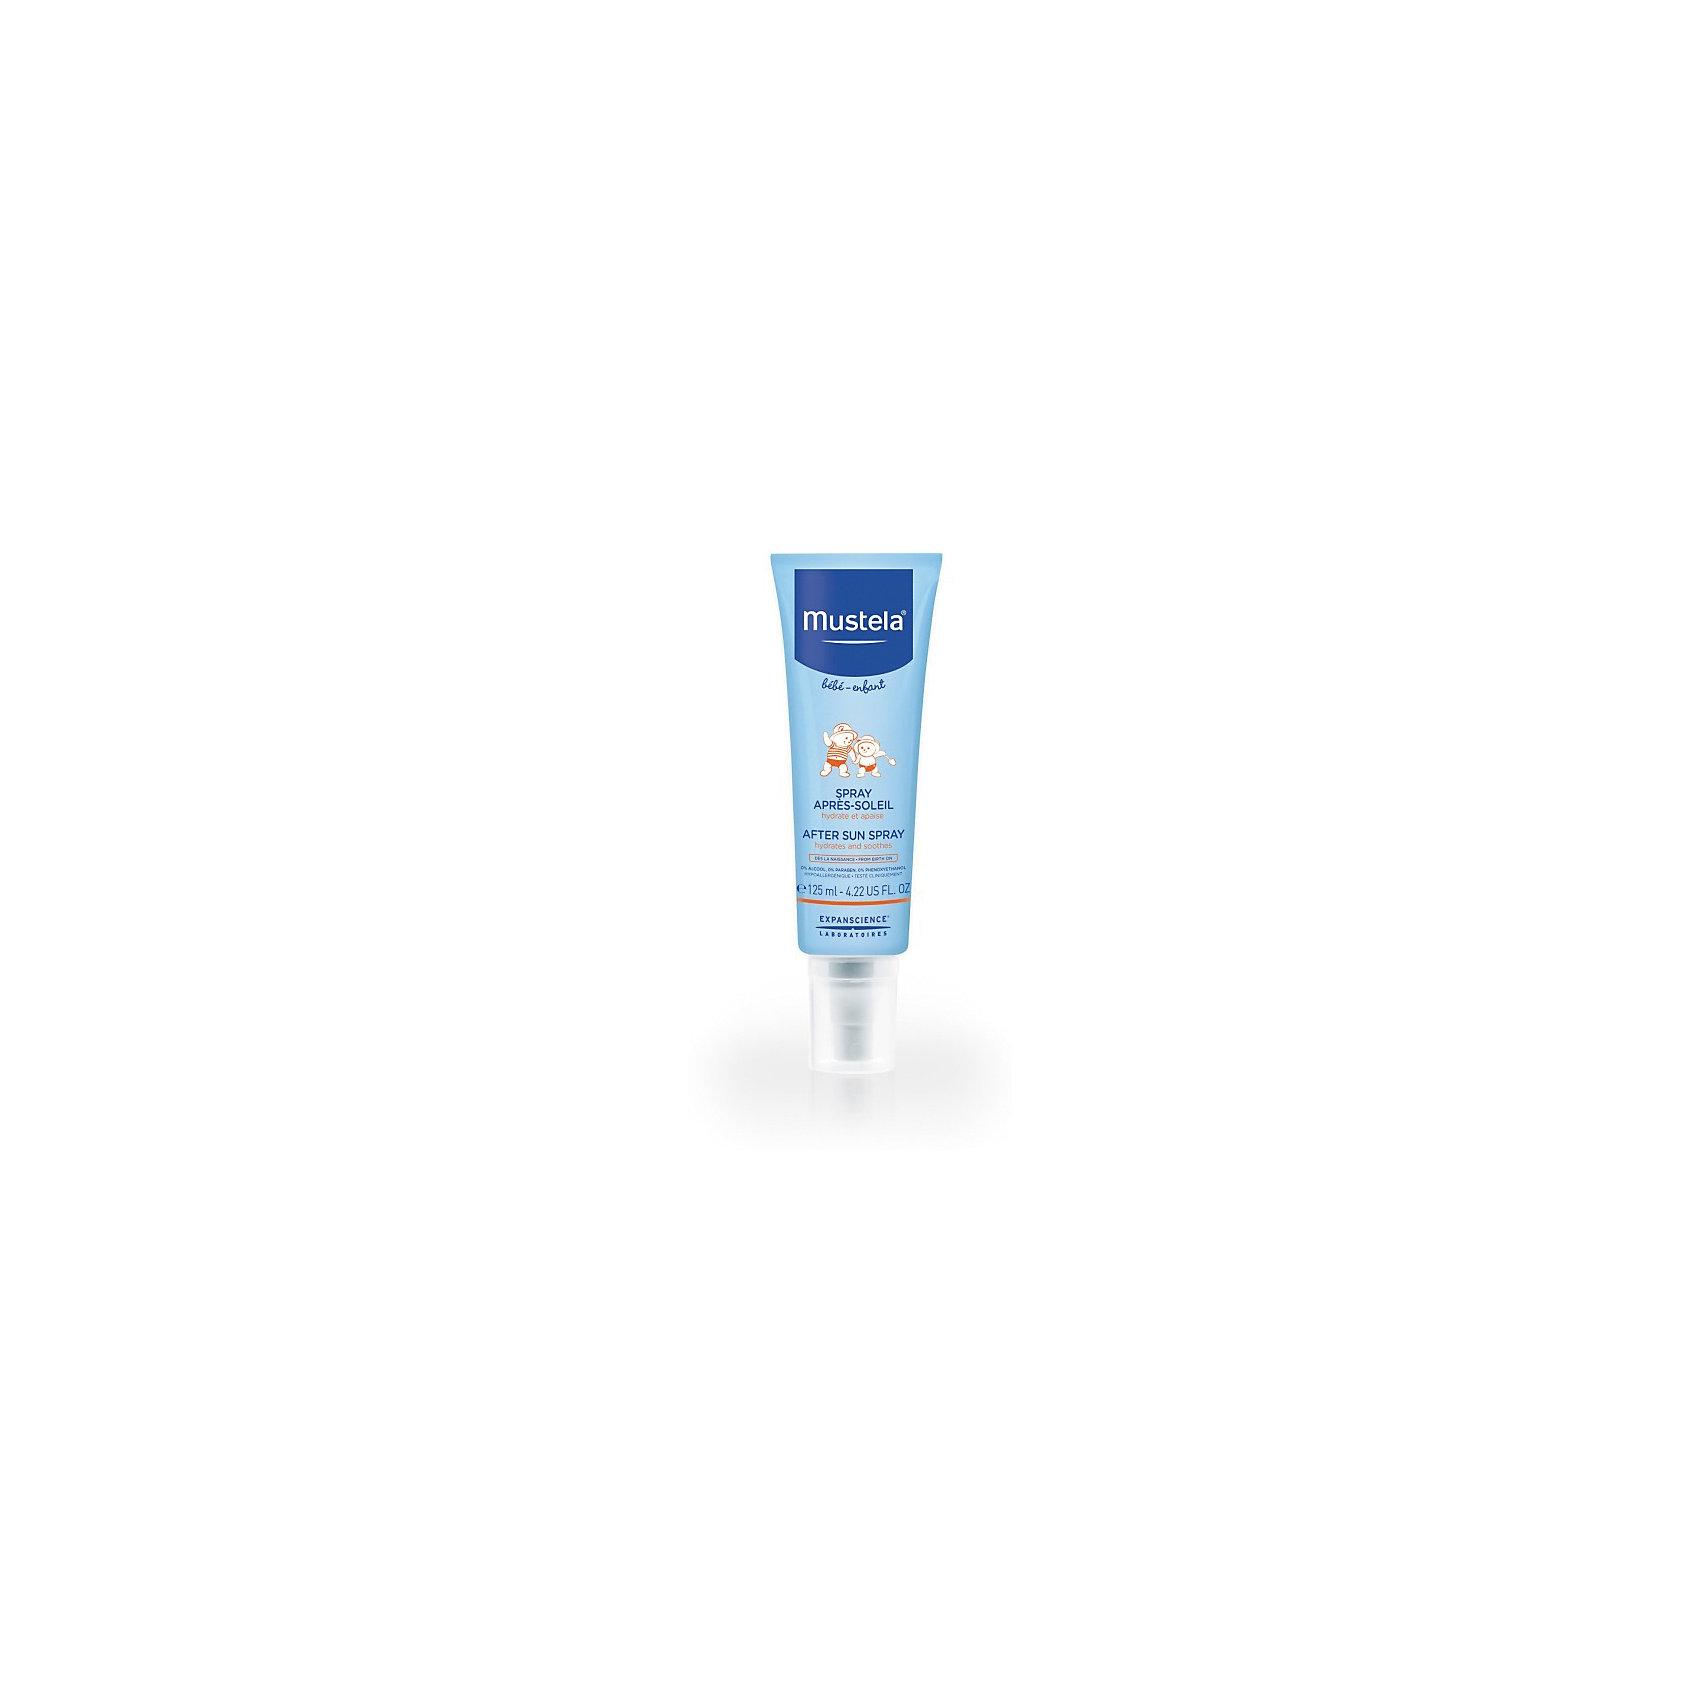 Спрей после загара, 125 мл., MUSTELA SUNСредства защиты от солнца и насекомых<br>Разработано для минимизации риска аллергических реакций.<br>Свойства Мгновенно увлажняет, успокаивает и освежает кожу. • Благодаря входящему в состав активному природному ингредиенту Avocado Perseose® укрепляет кожный барьер малыша и сохраняет клеточные ресурсы его кожи. • Хорошая переносимость с рождения. • Протестировано под<br>дерматологическим и педиатрическим контролем.<br>0% отдушек, этилового спирта, парабенов.<br>Способ применения Наносите на тело малыша после пребывания на солнце.<br>Состав AQUA (WATER), TRILAURETH-4 PHOSPHATE,<br>BUTYLENE GLYCOL, DICAPRYLYL CARBONATE, PARAFFINUM<br>L I Q U I D U M / M I N E R A L O I L / H U I L E M I N ? R A L E ,<br>PENTAERYTHRITYL TETRAETHYLHEXANOATE, 1,2-<br>HEXANEDIOL, SIMMONDSIA CHINENSIS (JOJOBA) SEED OIL,<br>THEOBROMA GRANDIFLORUM SEED BUTTER, PARFUM<br>(FRAGRANCE), GLYCERYL CAPRYLATE, CARBOMER,<br>TETRASODIUM GLUTAMATE DIACETATE, XANTHAN GUM,<br>SODIUM HYDROXIDE, CITRIC ACID, PERSEA GRATISSIMA<br>(AVOCADO) FRUIT EXTRACT.<br><br>Ширина мм: 60<br>Глубина мм: 60<br>Высота мм: 185<br>Вес г: 145<br>Возраст от месяцев: 0<br>Возраст до месяцев: 1188<br>Пол: Унисекс<br>Возраст: Детский<br>SKU: 5529658